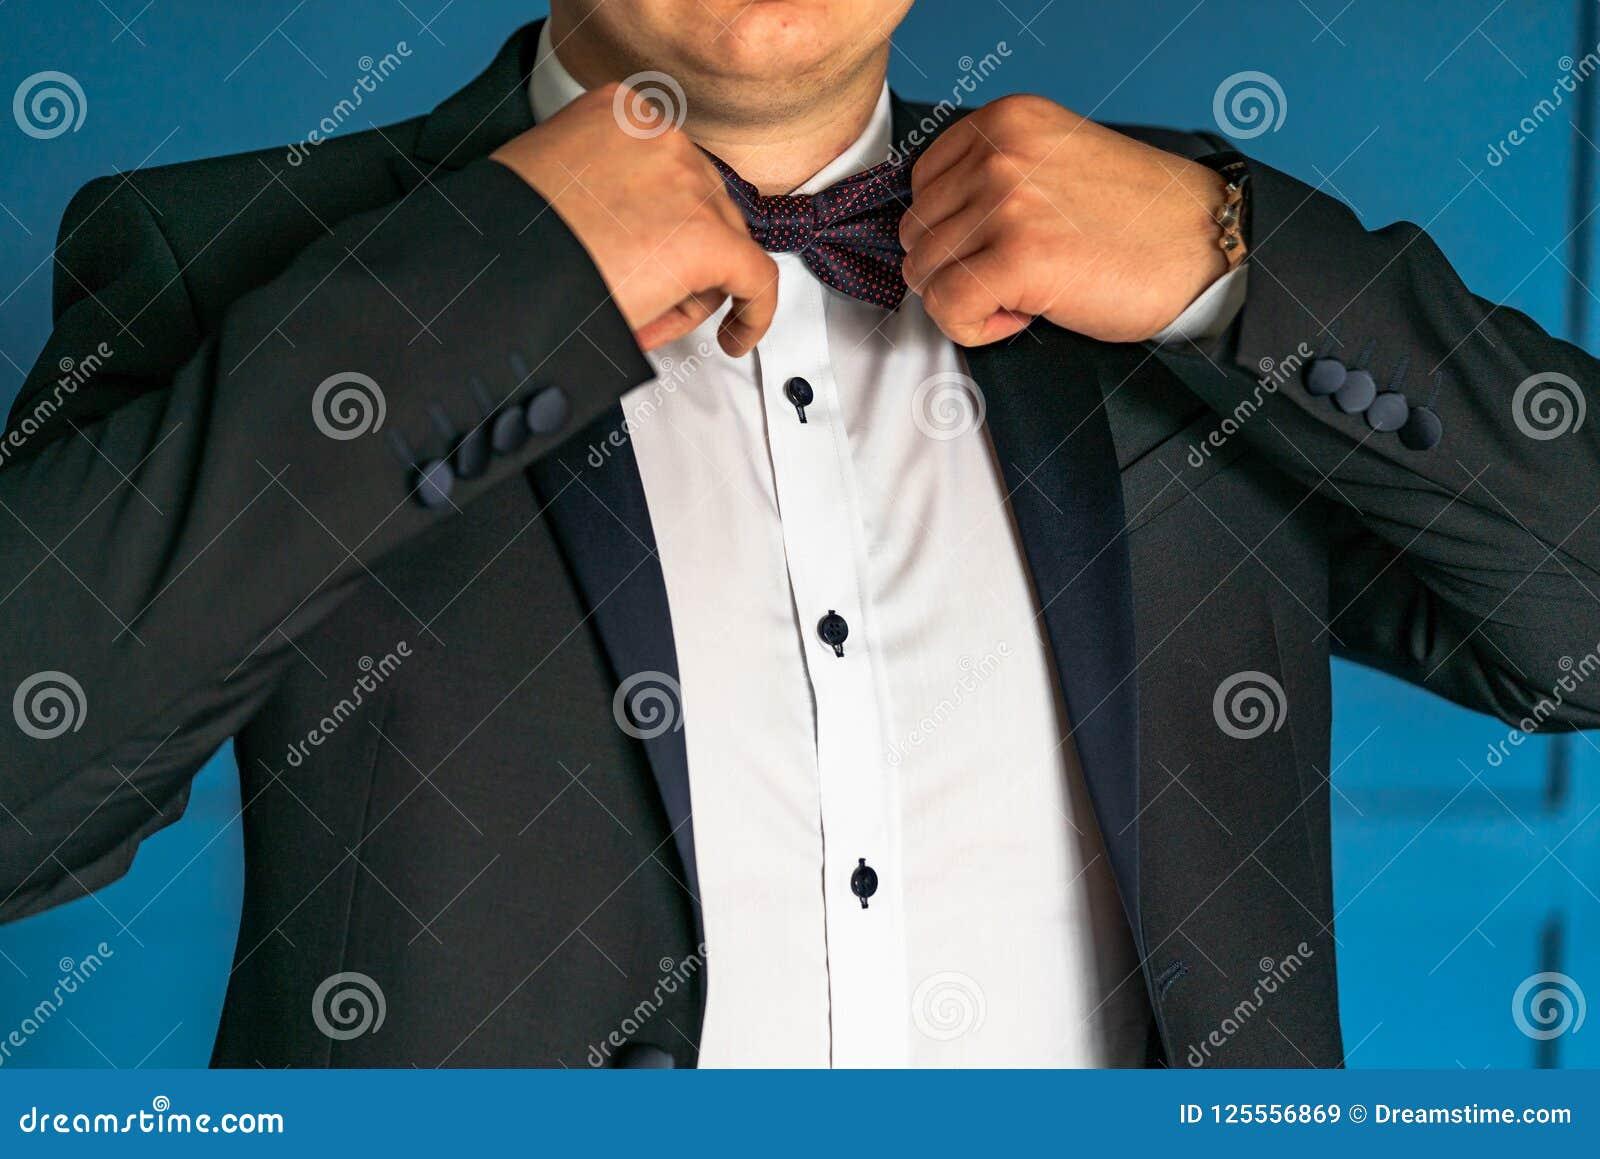 Un caballero en lujoso en una chaqueta negra y una camisa blanca corrige la corbata de lazo al lado de sus manos